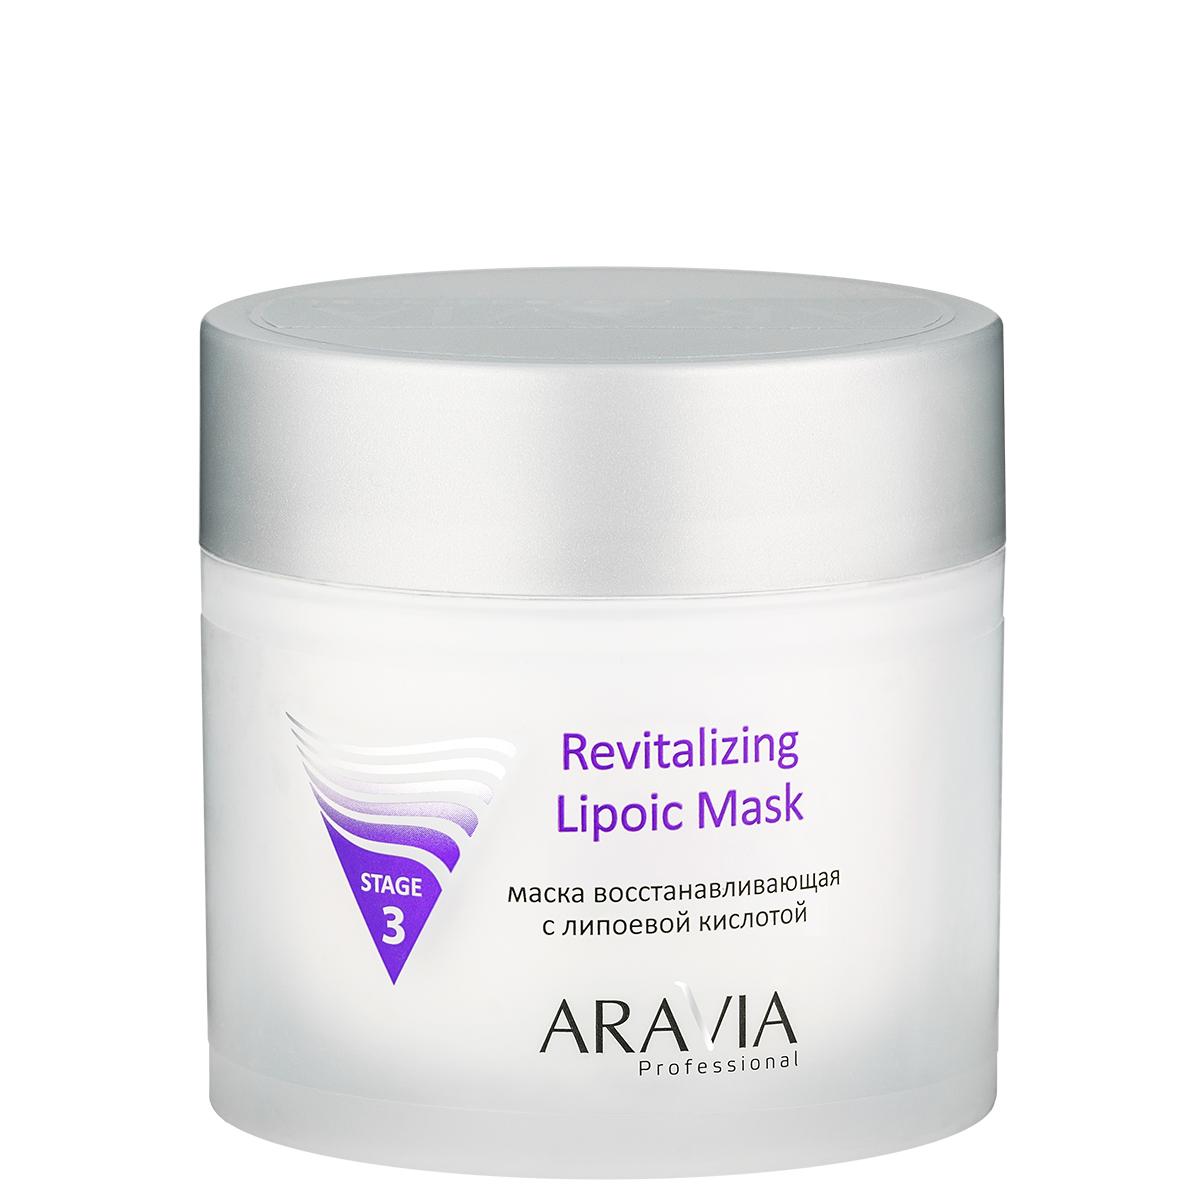 Маска восстанавливающая ARAVIA Professional, с липоевой кислотой, 300 мл недорого